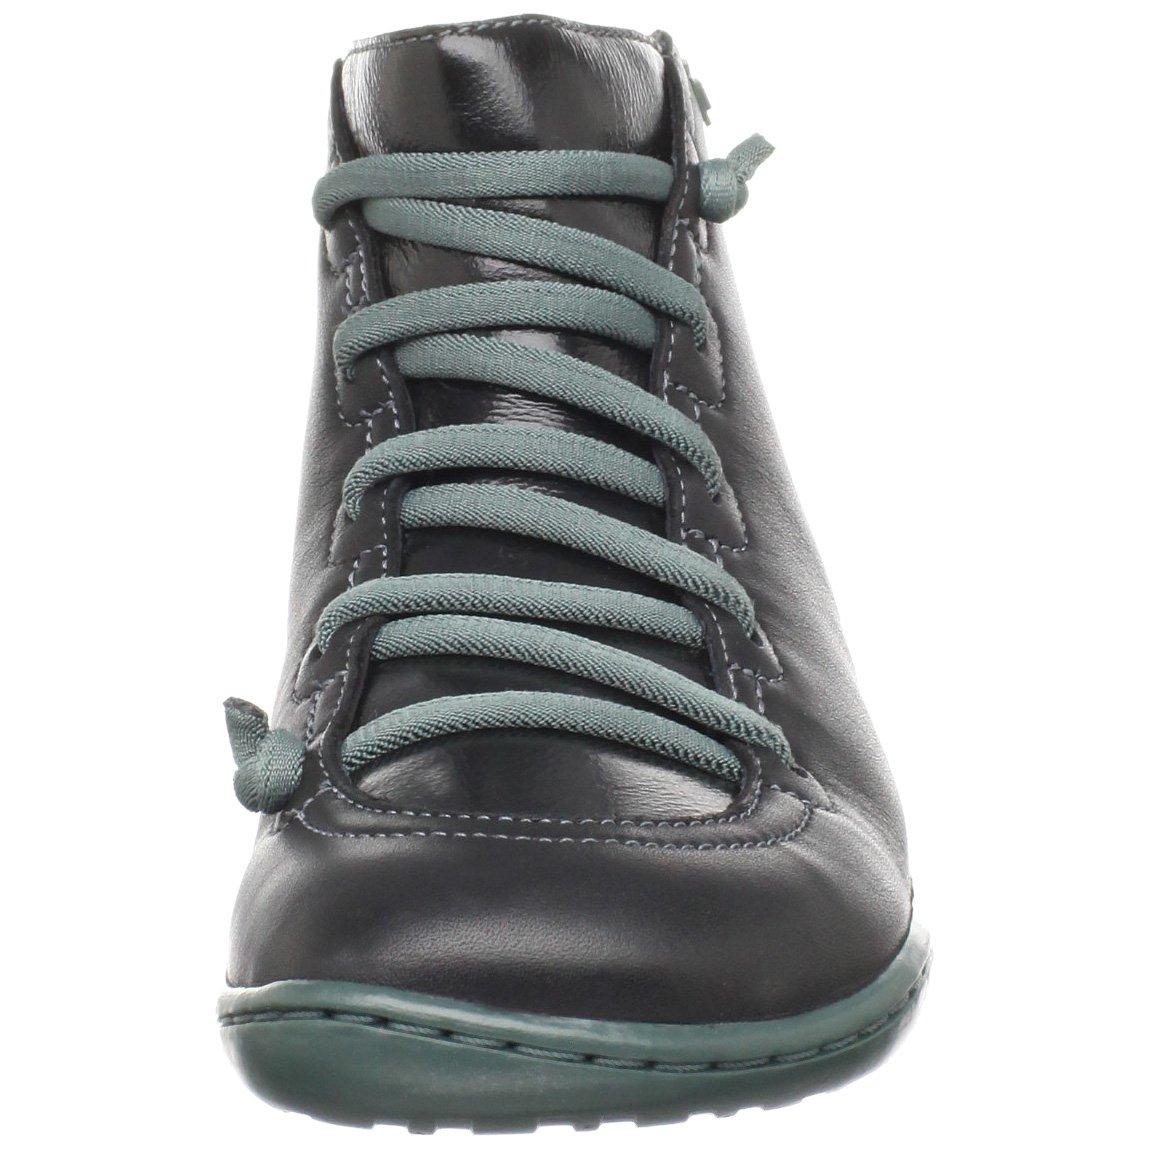 b9746c1d27e39 Camper 90085-004, Bottes Motardes Garçon - Noir (napa Neg), 25.5 EU   Amazon.fr  Chaussures et Sacs